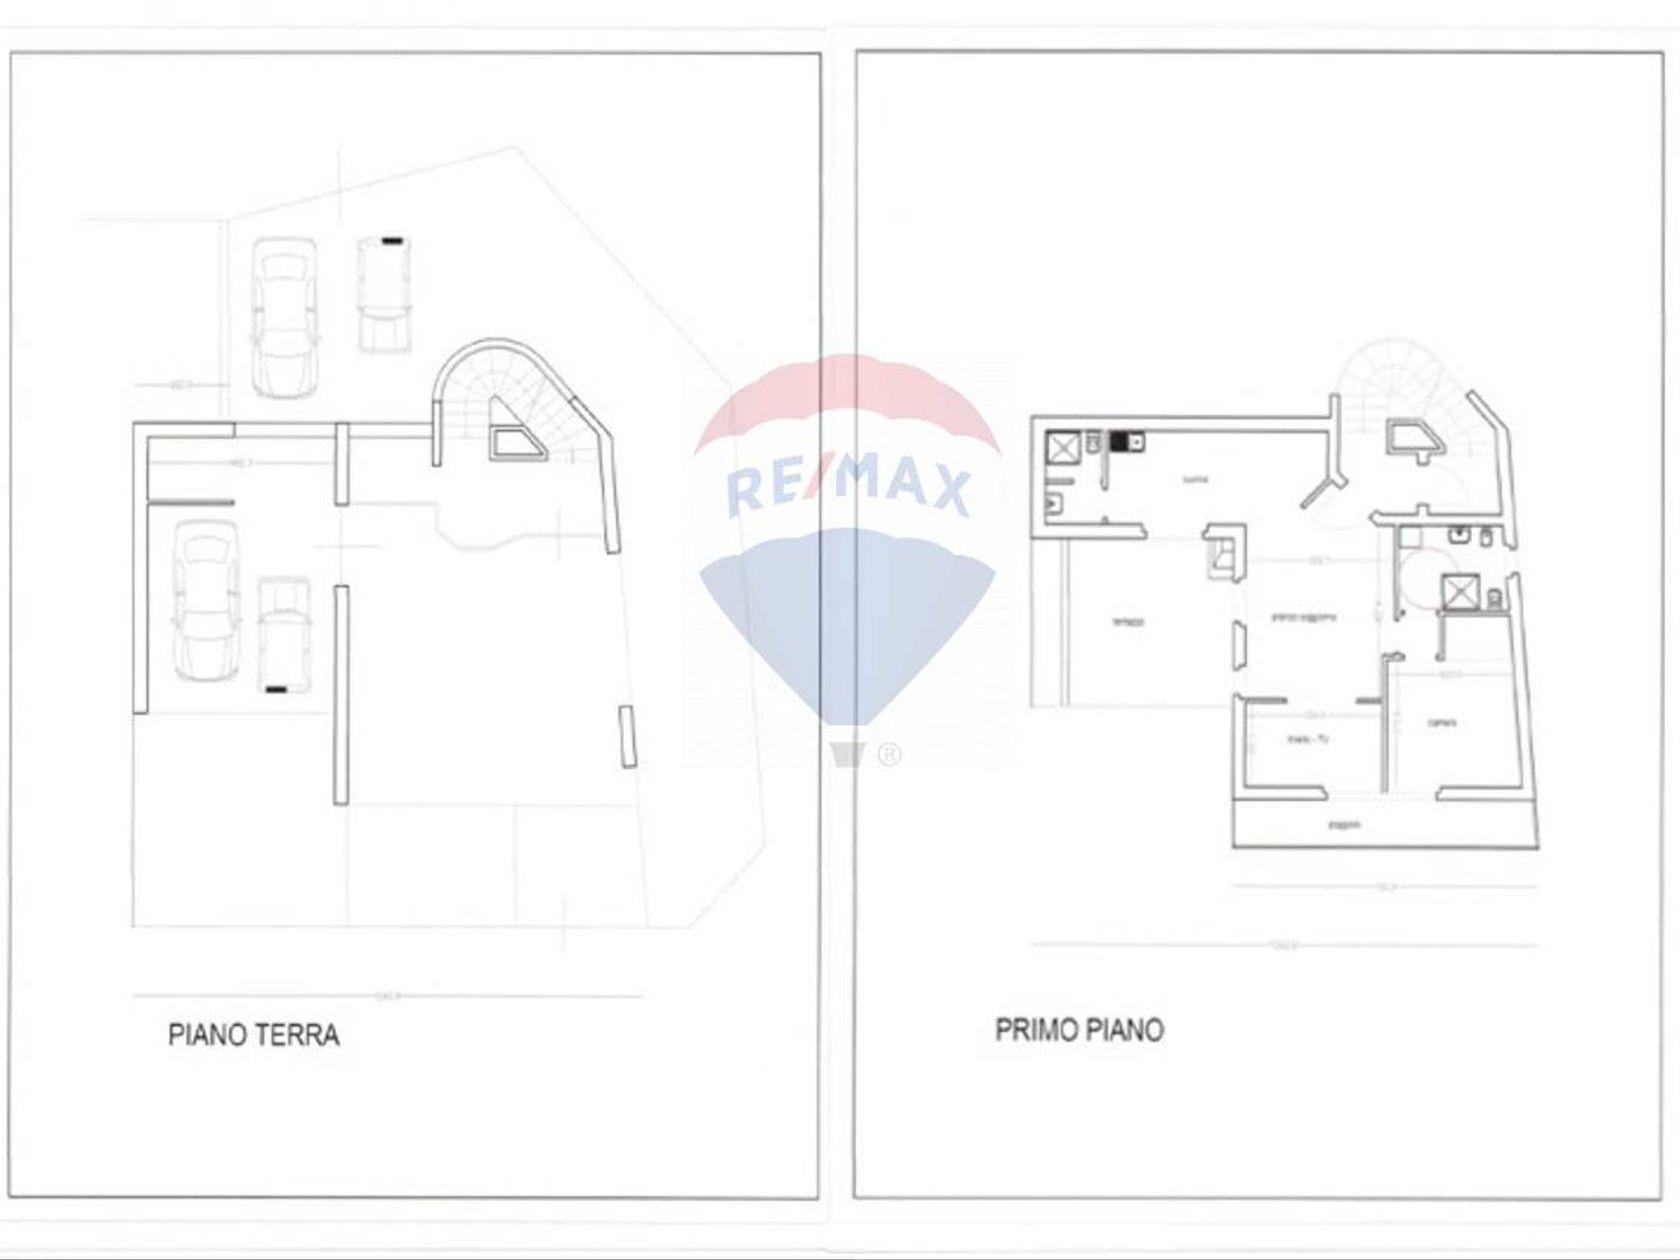 Casa Indipendente Quinzano, Verona, VR Vendita - Planimetria 3